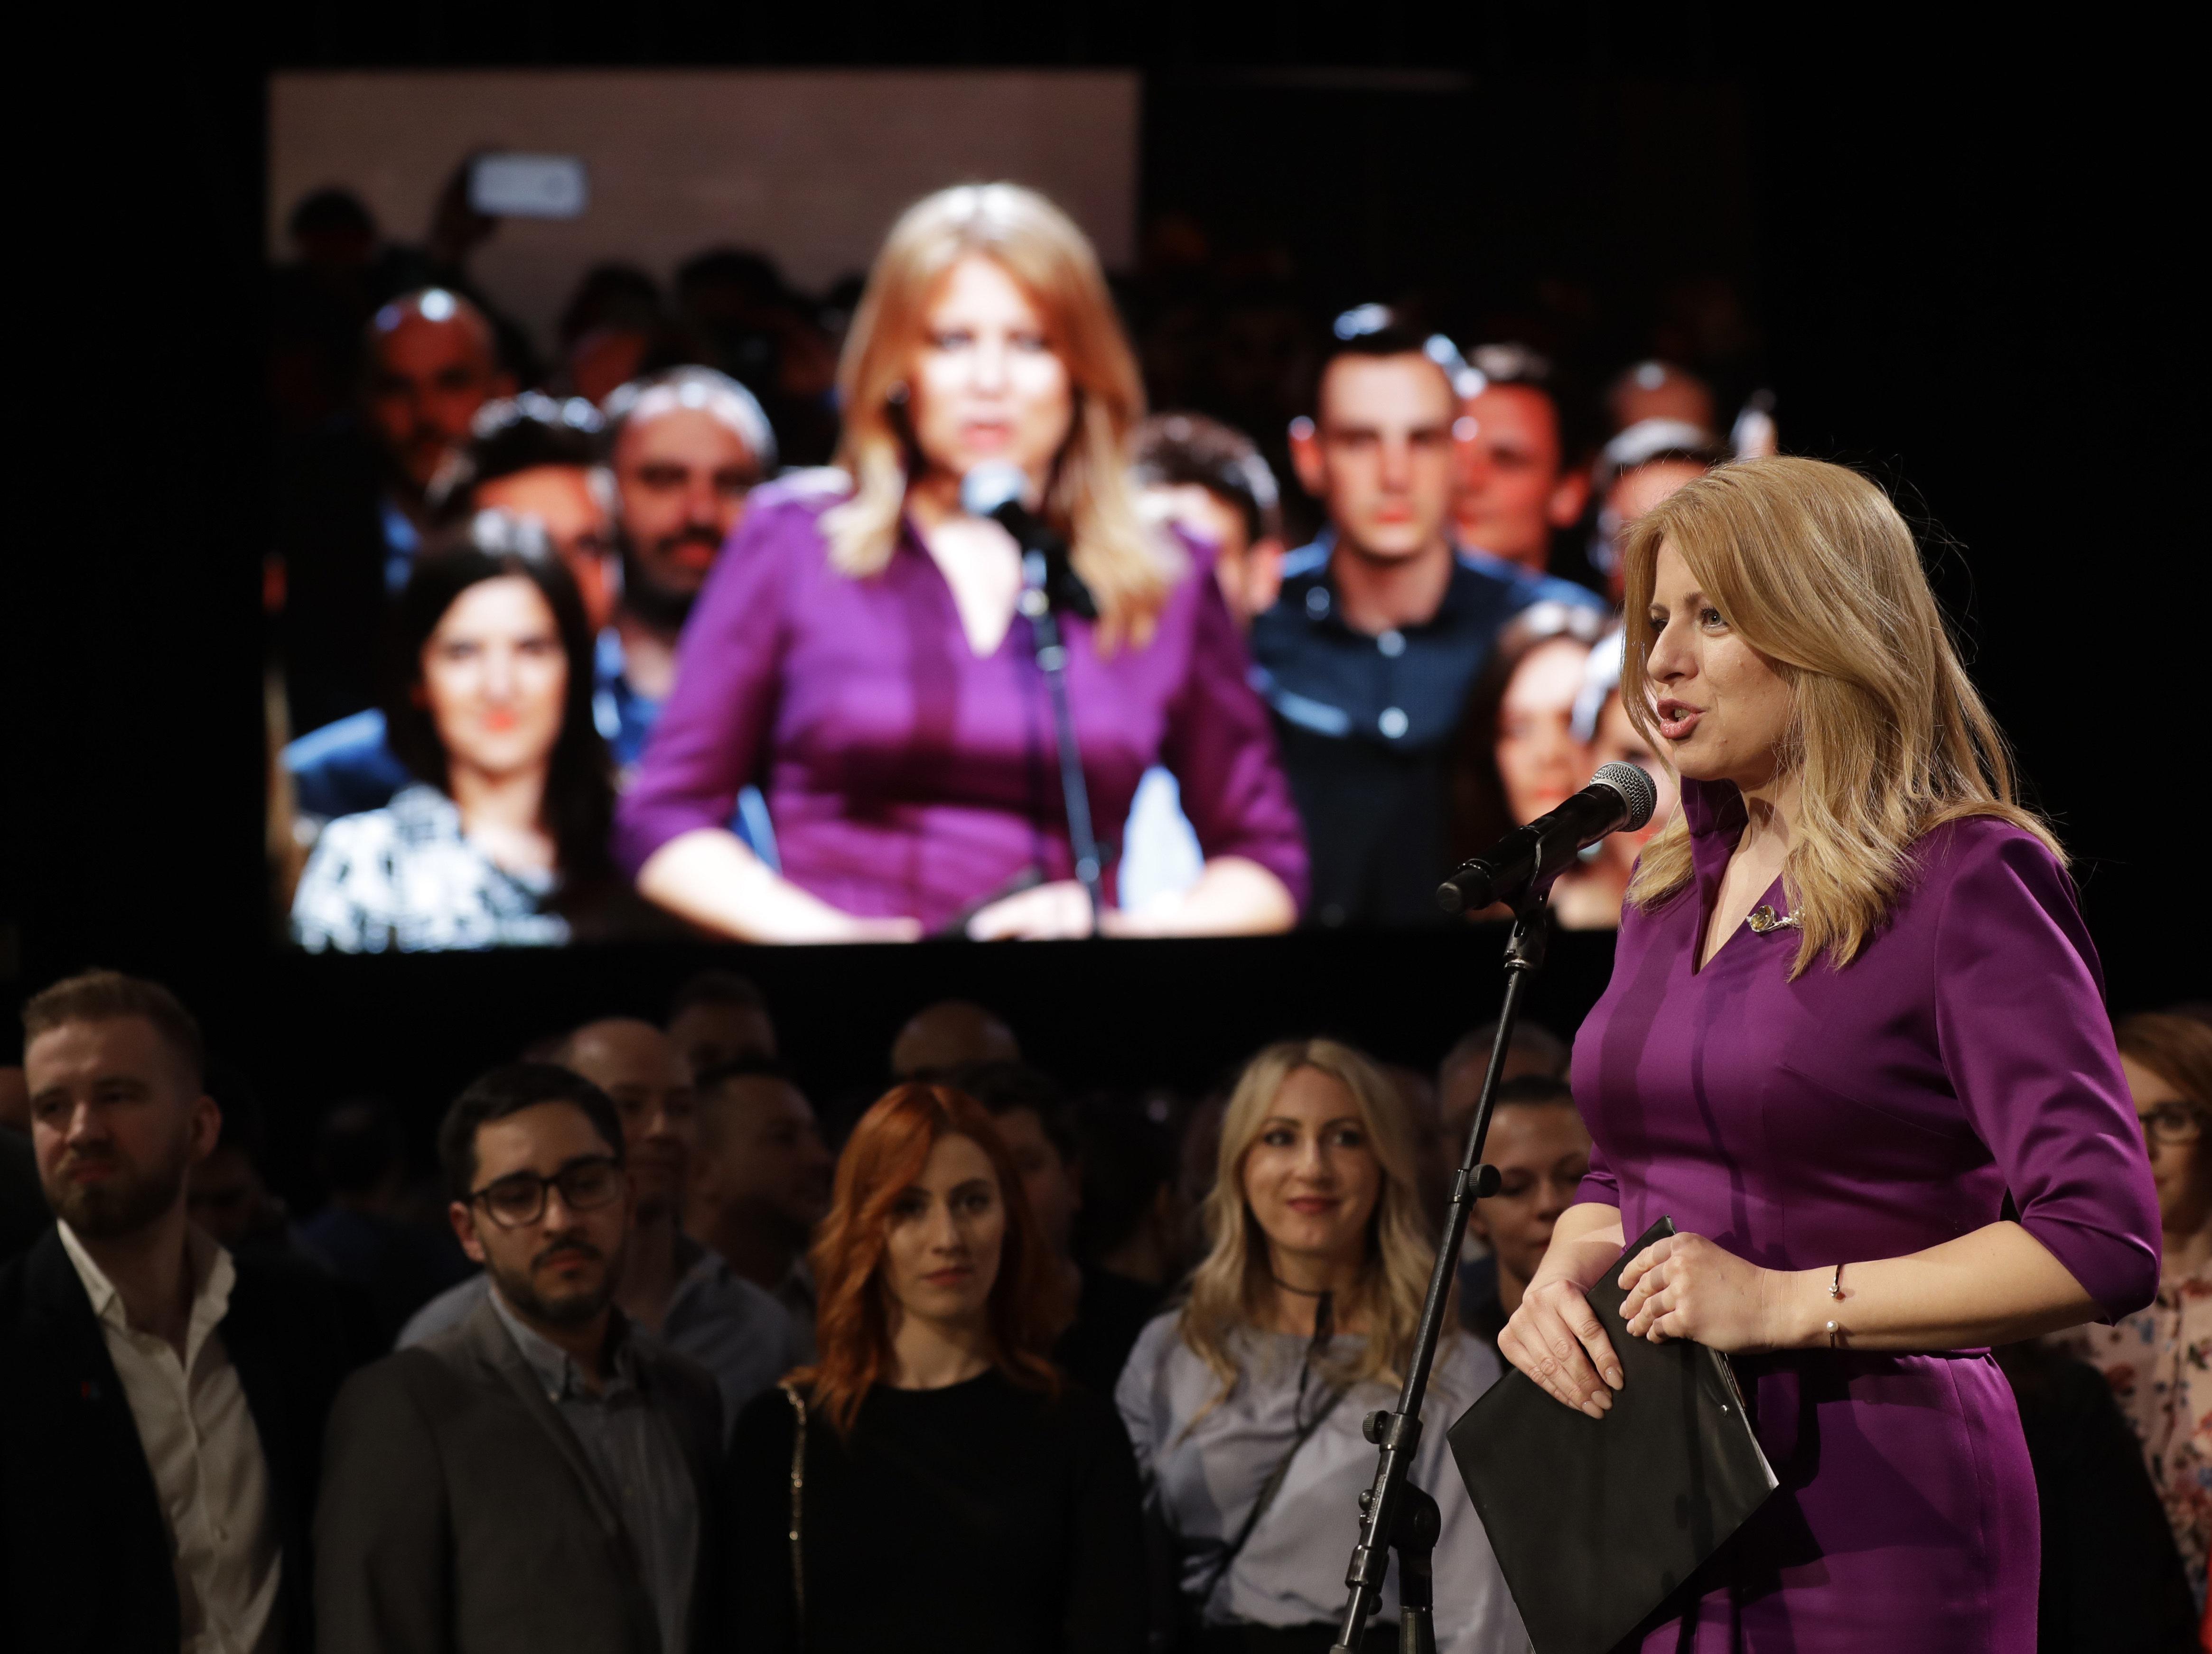 Σλοβακία: Μια γυναίκα στην προεδρία της χώρας για πρώτη